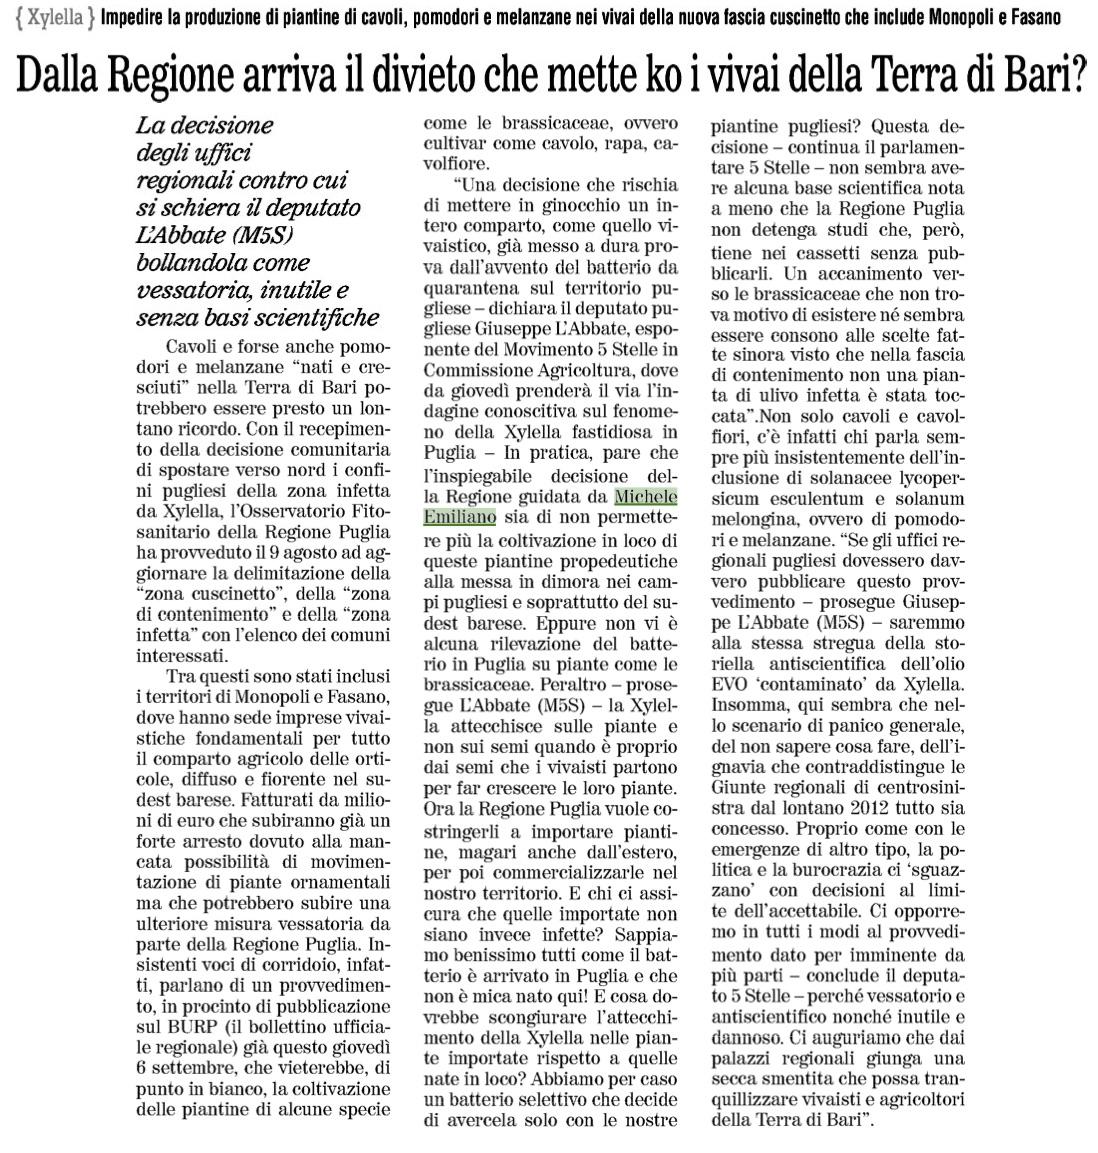 Quotidiano di Bari - 05.09.2018